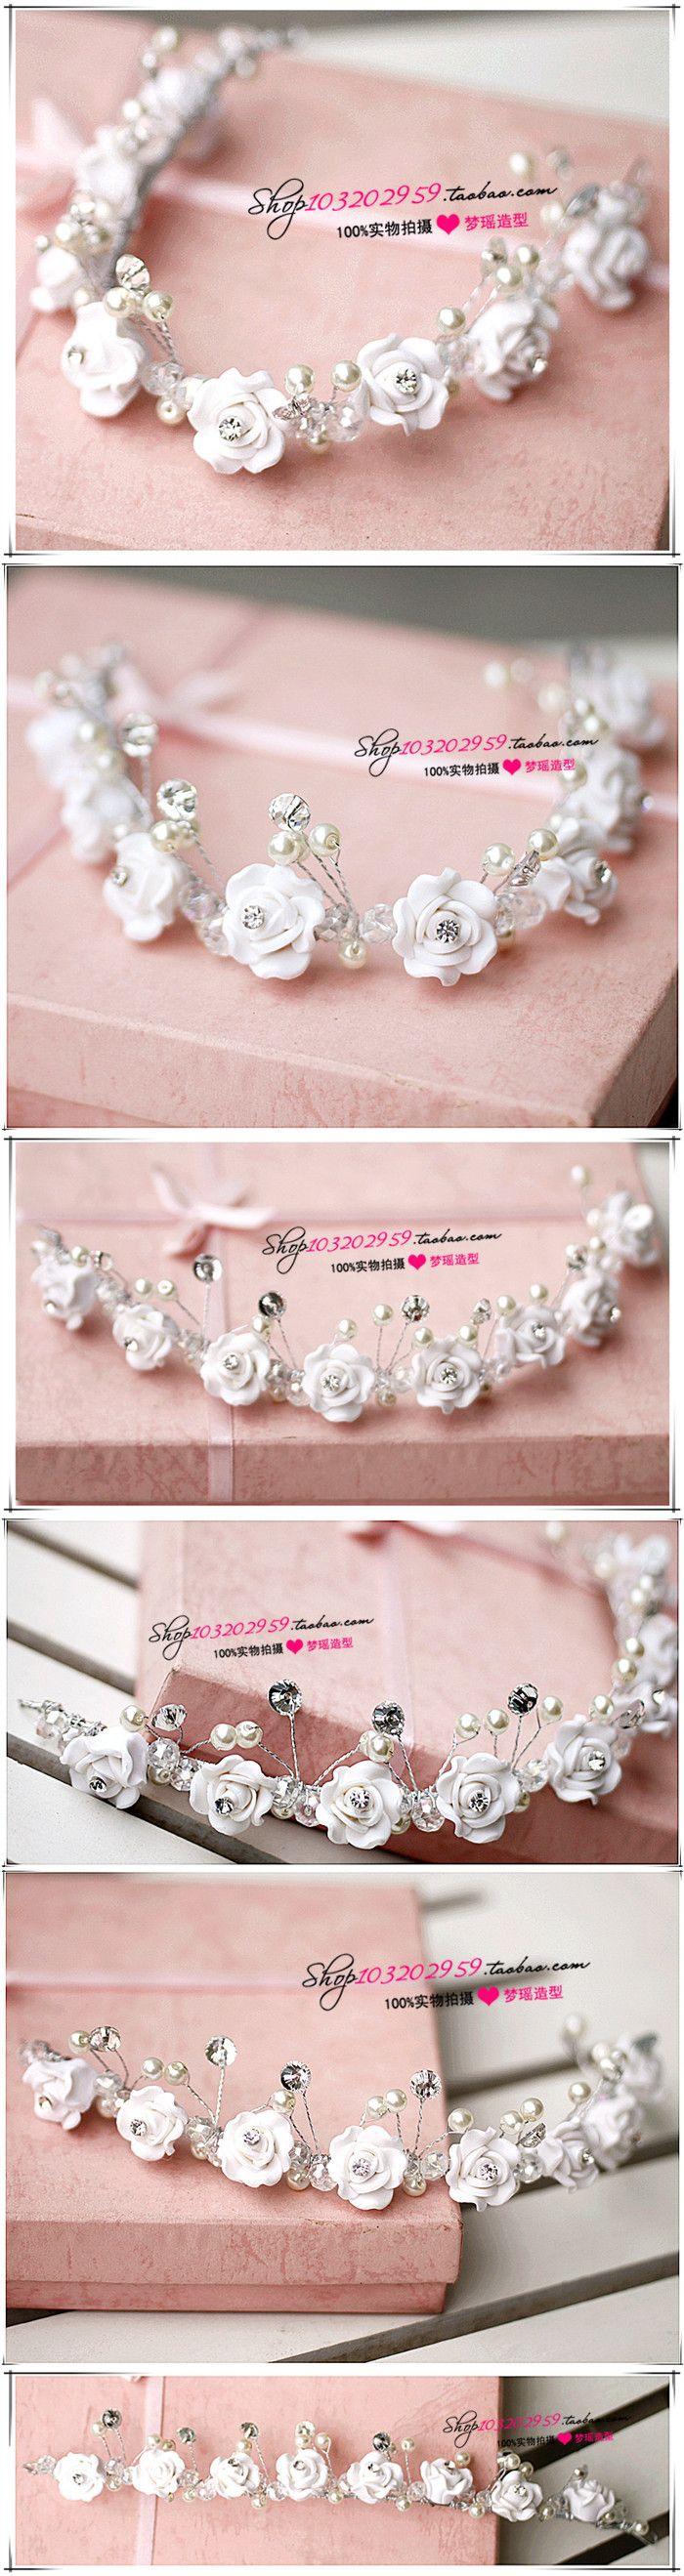 Мэн Яо кристалл смолы форма цветка небольшие свежие цветы головной убор аксессуары для волос невесты ювелирные изделия с бриллиантами небольшой корона - Taobao